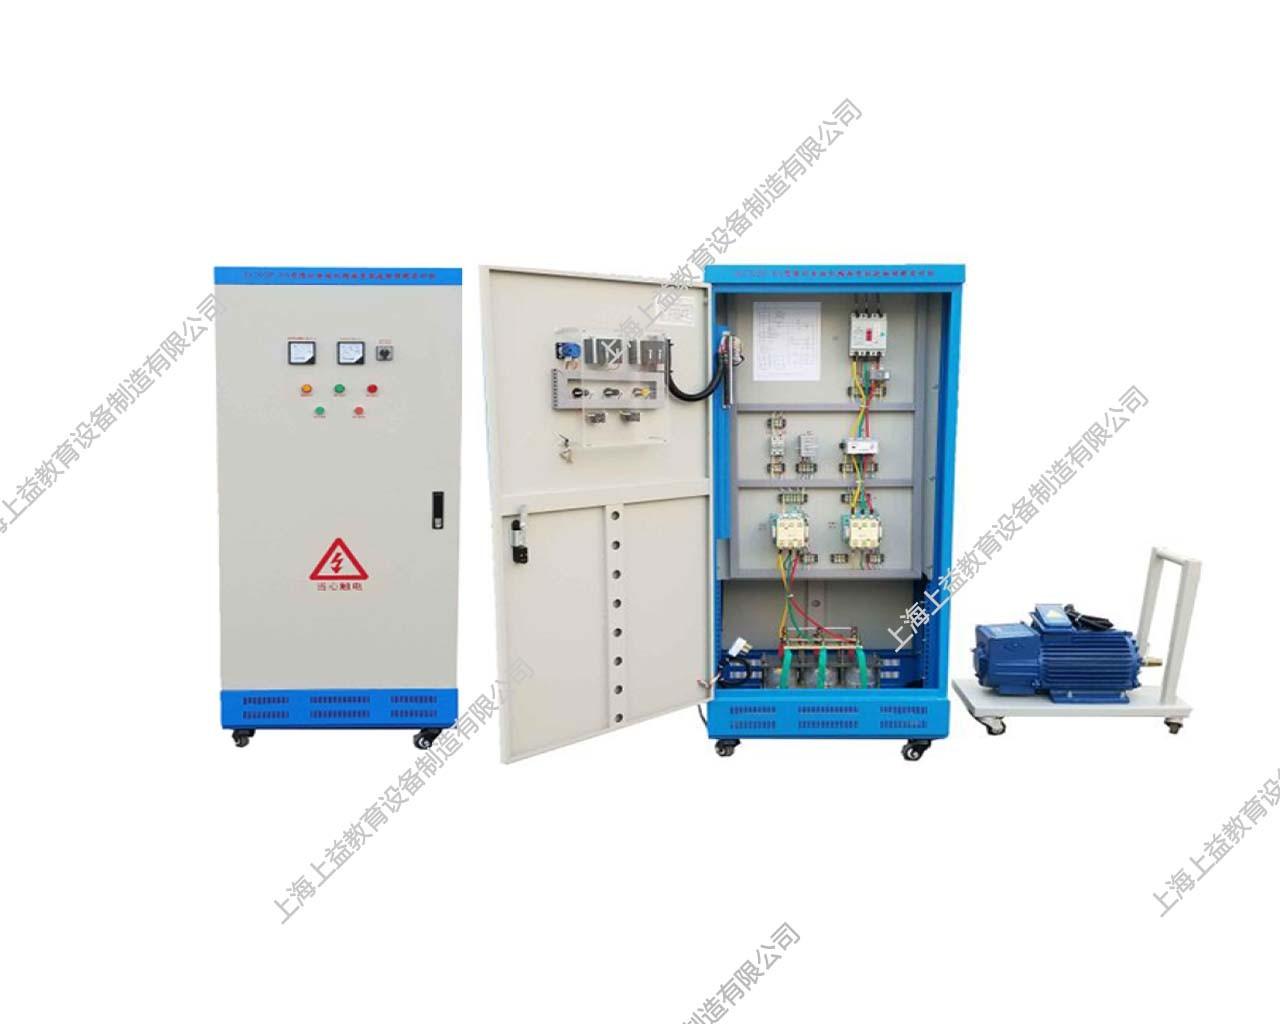 SYXQP-25型滑环电动机频敏变阻起动控制wwwlehu8vip柜